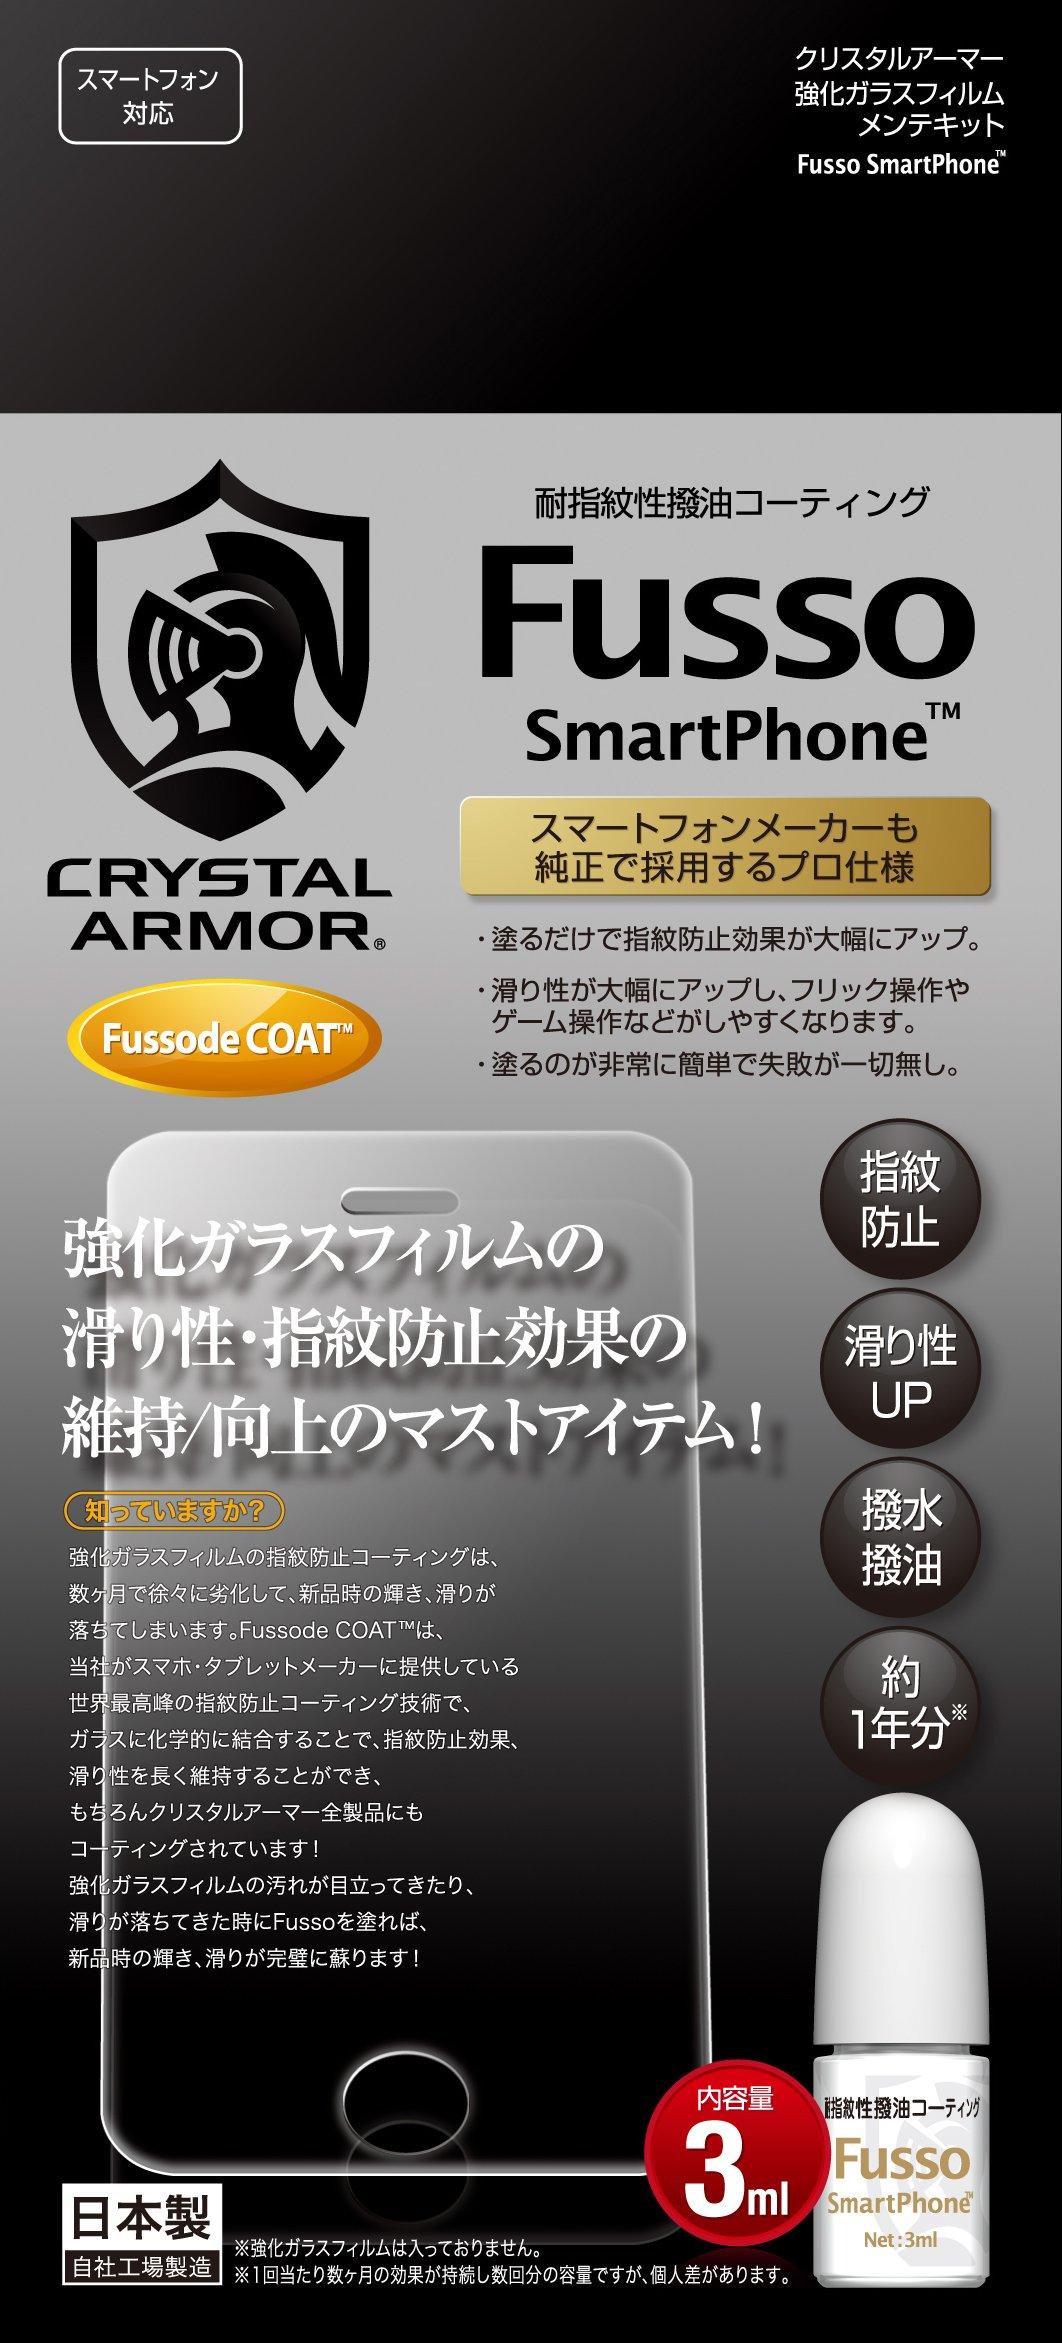 Crystal Armor Fusso Cell Phone Fingerprint Oleophobic Coating Kit 3ml from Japan